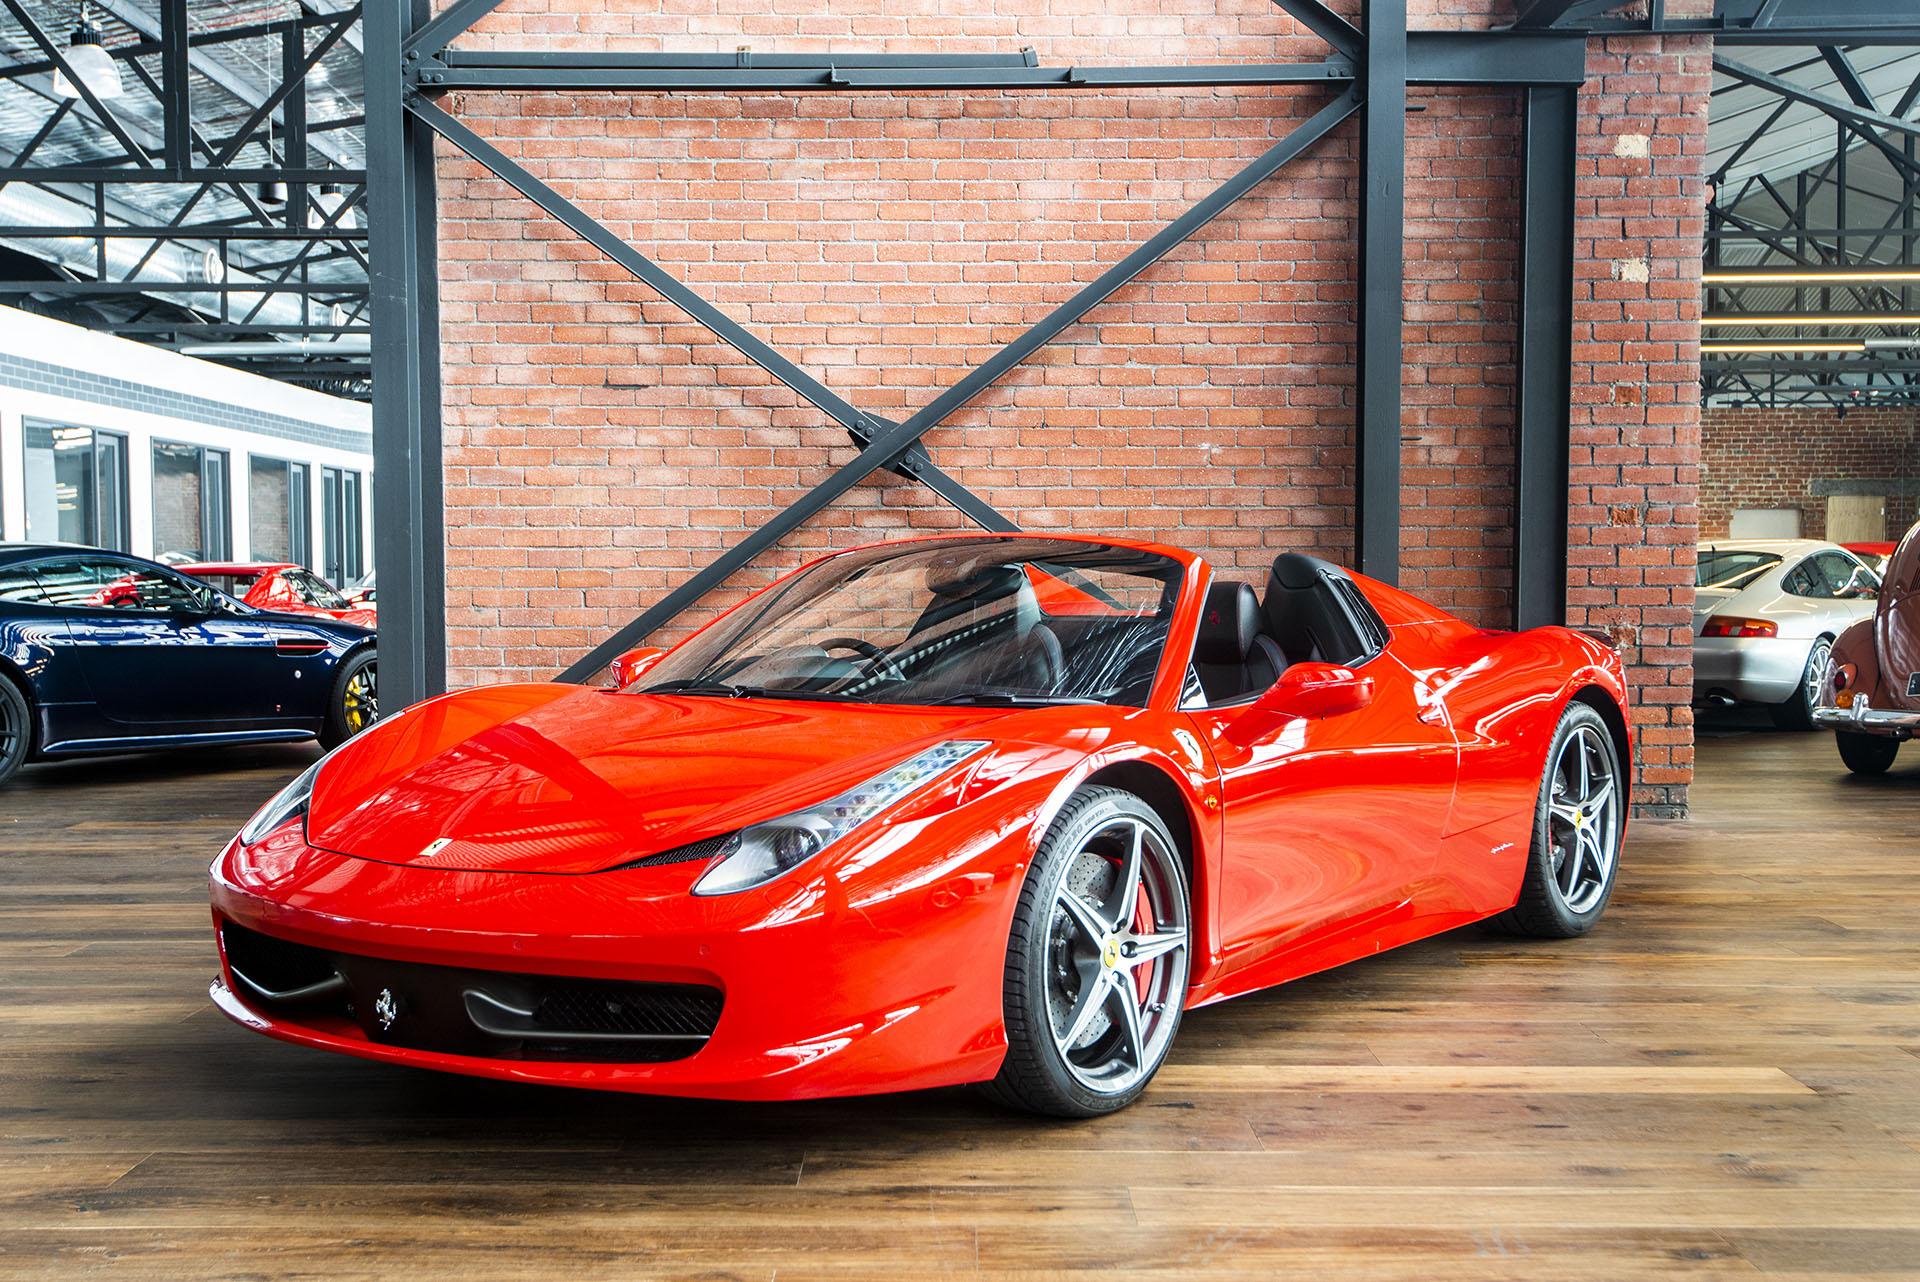 Ferrari 458 Spider For Sale >> 2013 Ferrari 458 Spider - Richmonds - Classic and Prestige ...